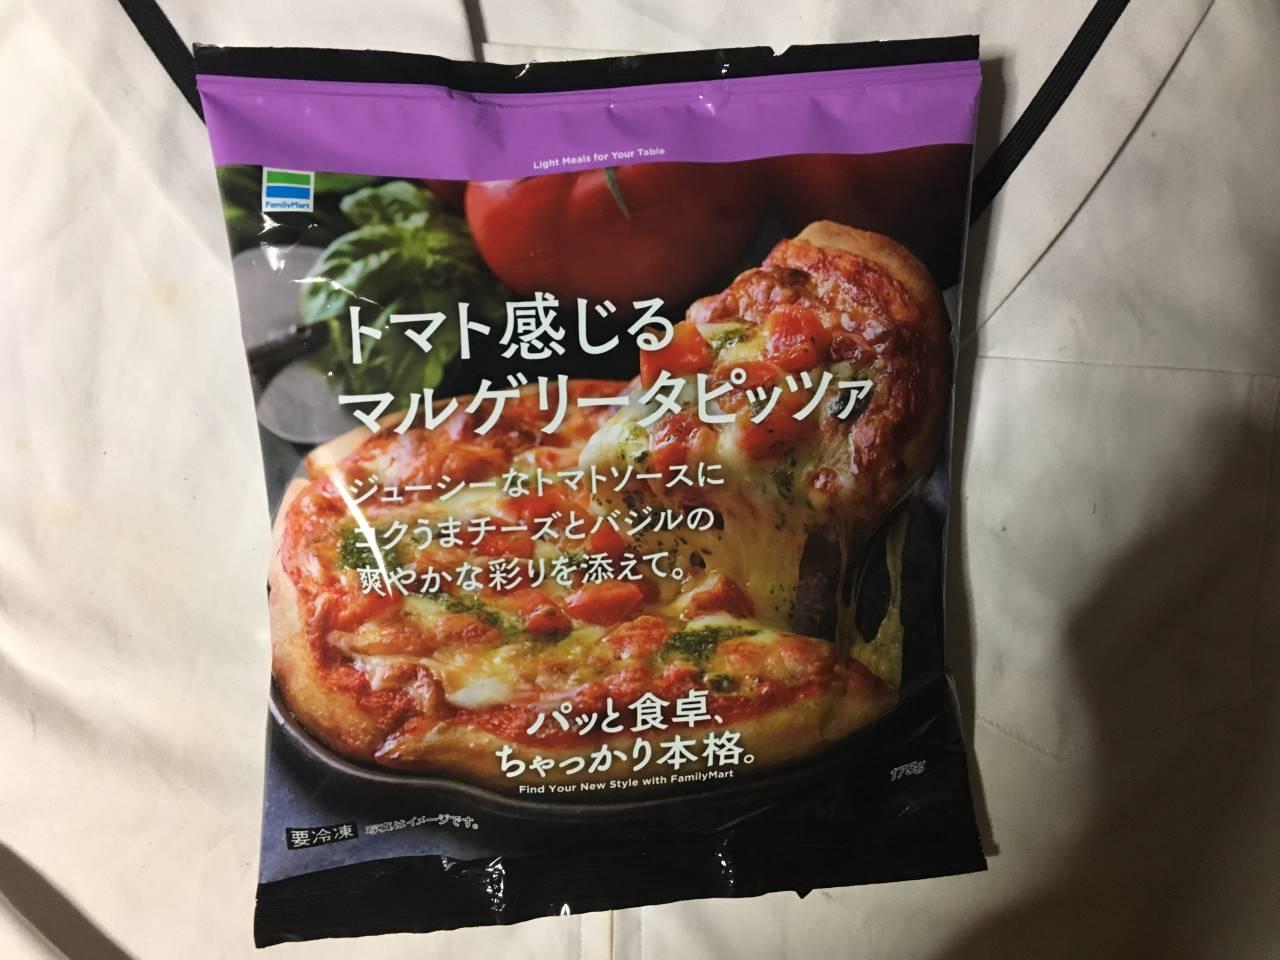 トマト感じるマルゲリータピッツァ|ファミリーマートの冷凍ピザ